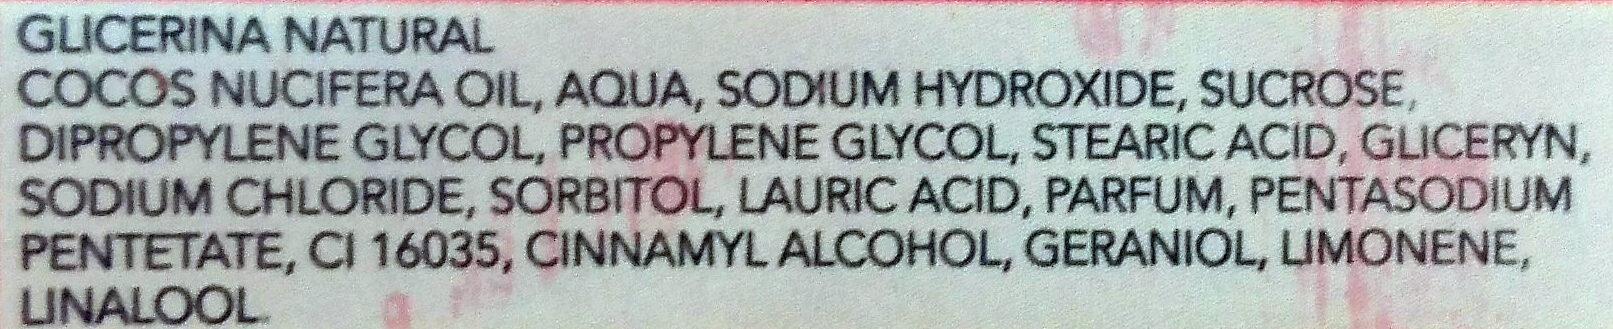 Glicerina Sabonete Natural - Ingrédients - pt